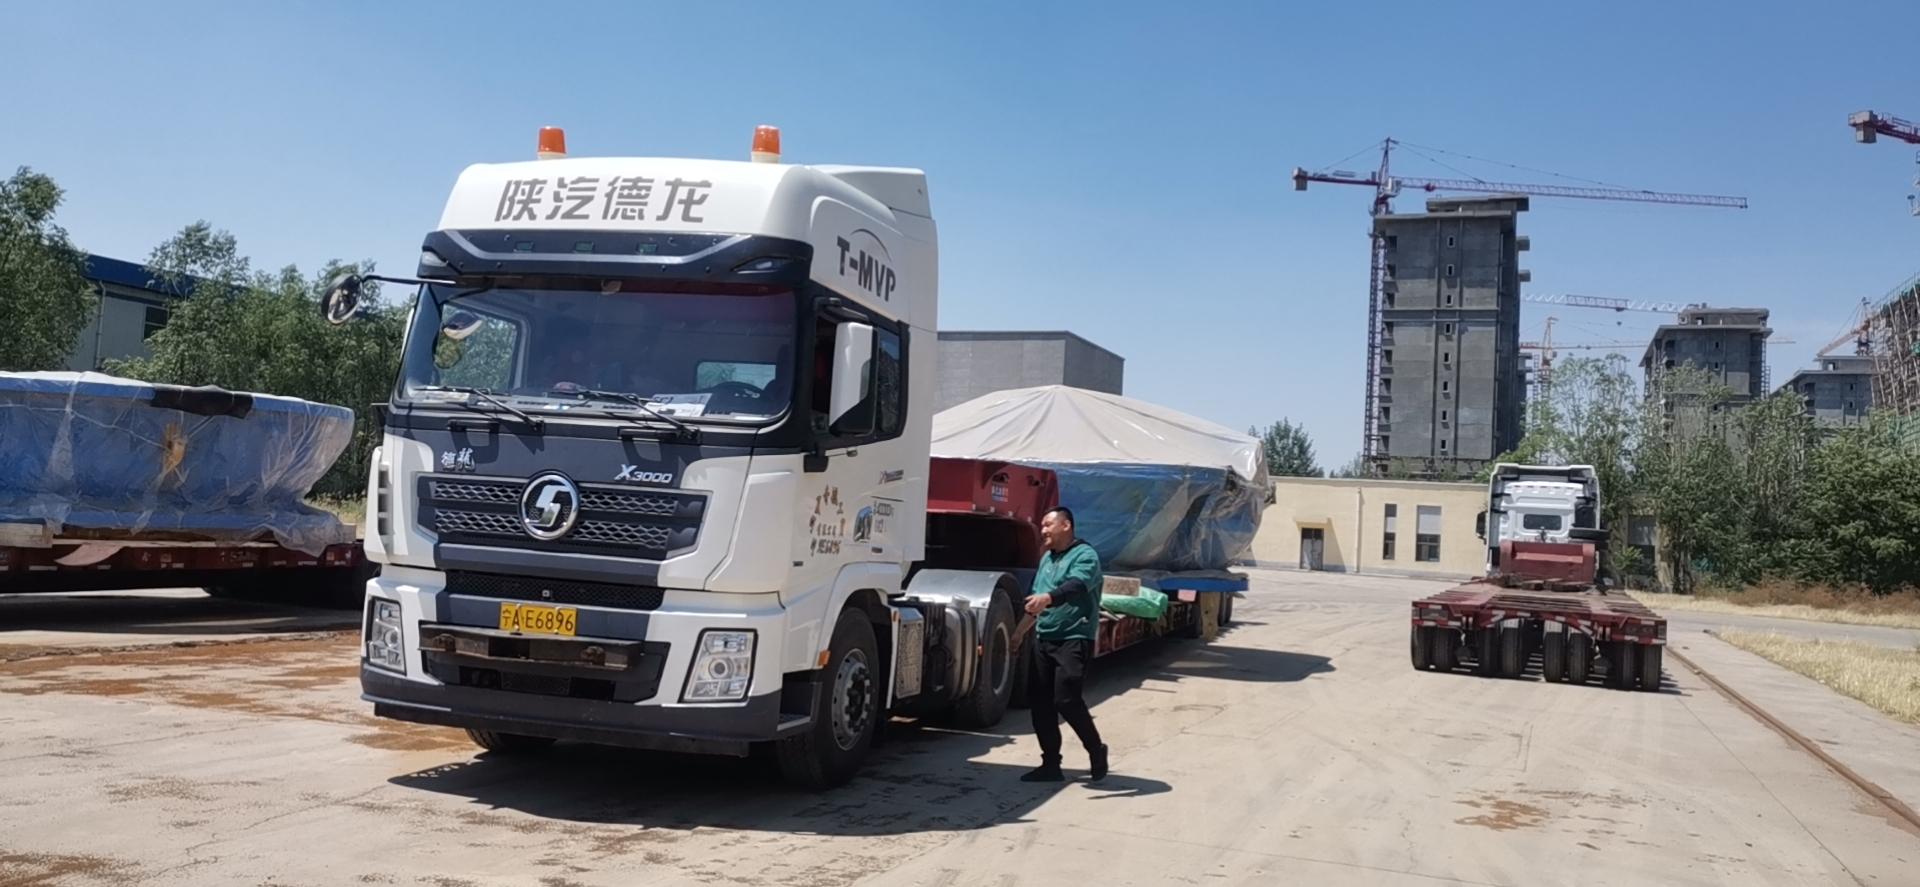 楚基船边直装货物运输